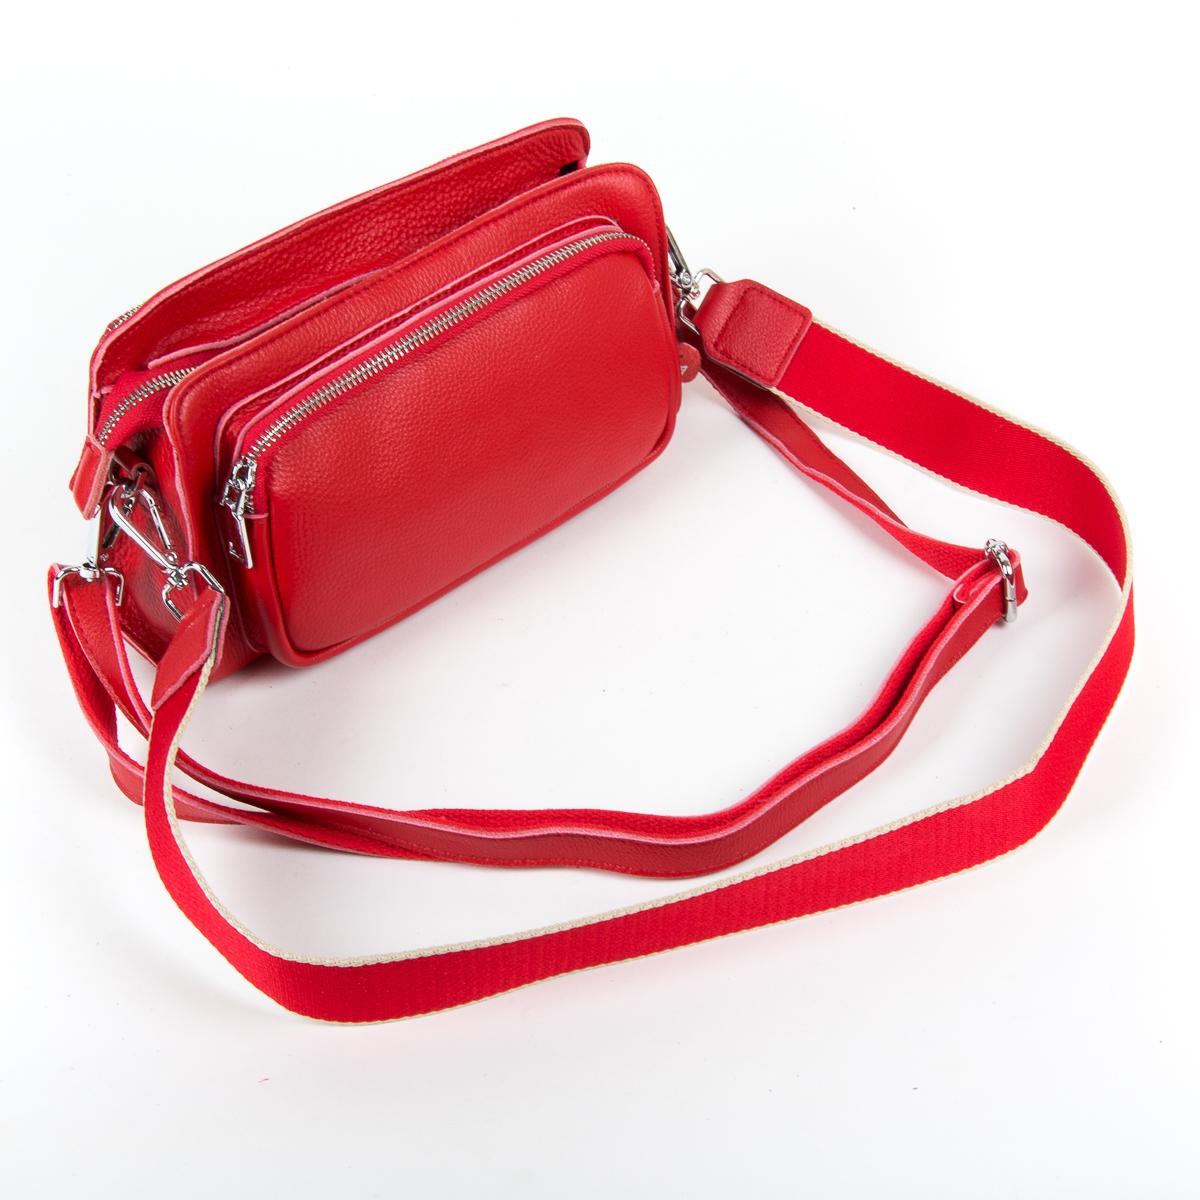 Сумка Женская Клатч кожа ALEX RAI 9-01 8785-9 red - фото 4